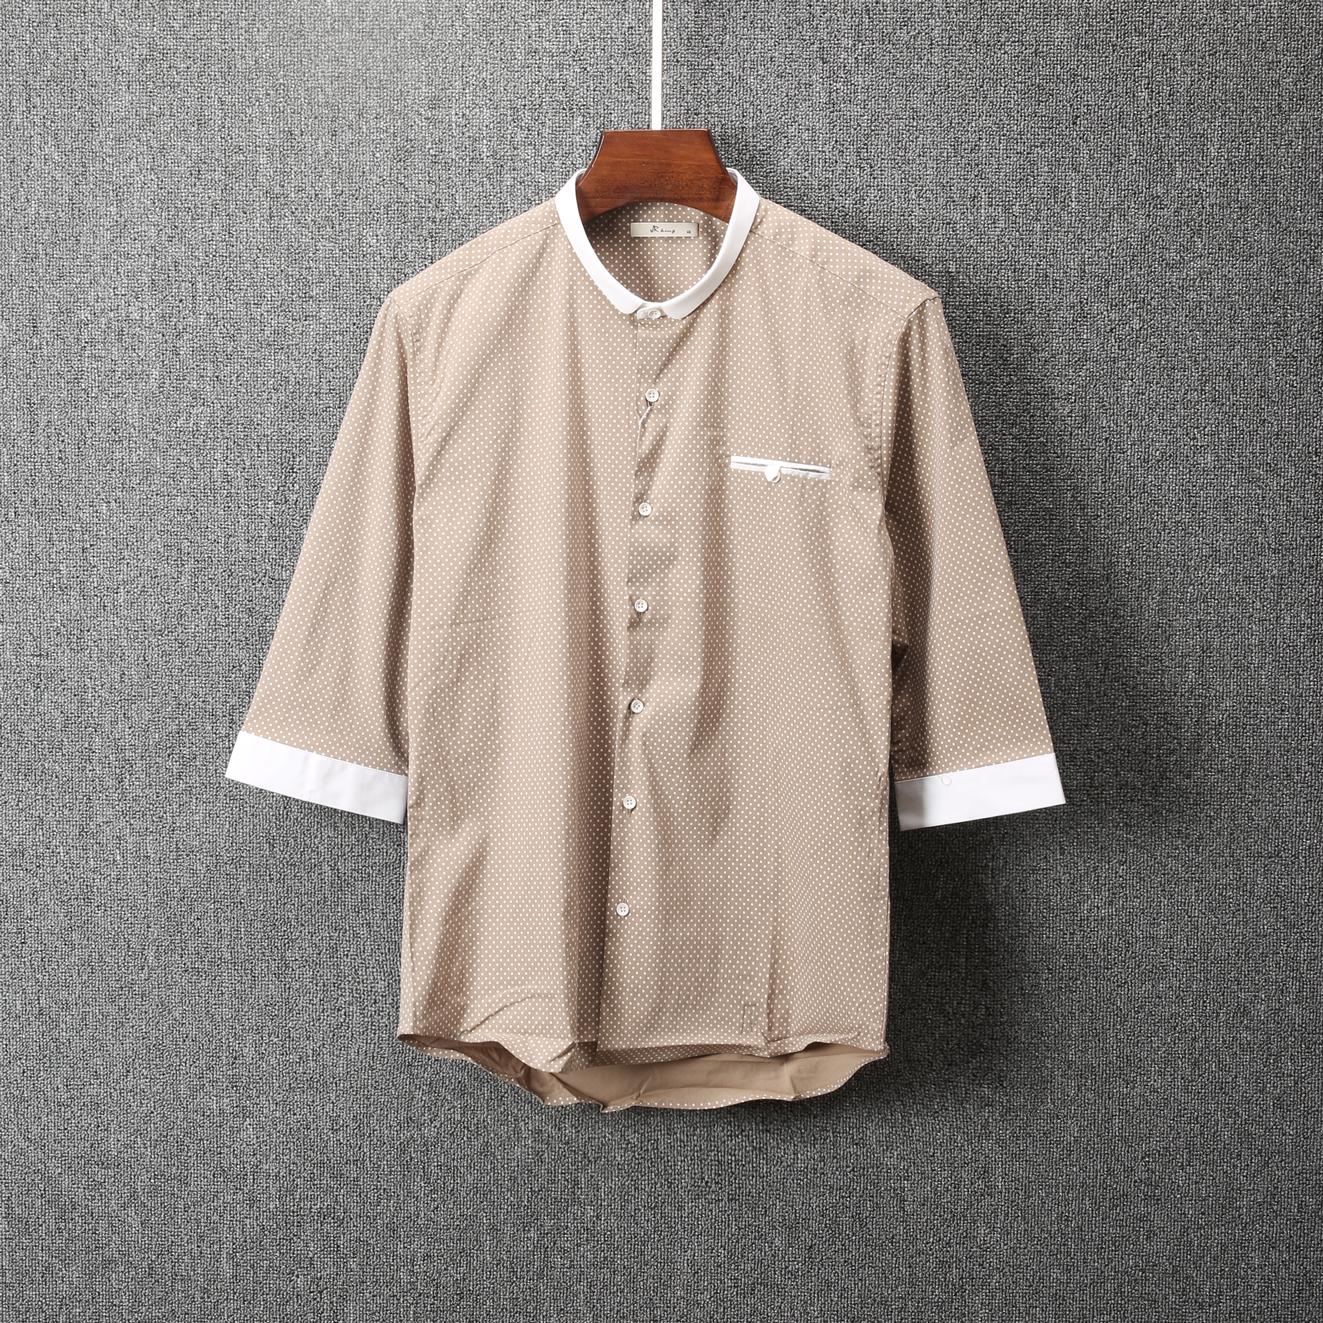 男衬衫 男装衬衫夏季圆点中袖衬衫韩版青年修身简约百搭五分袖衬衣CC-12_推荐淘宝好看的男衬衫